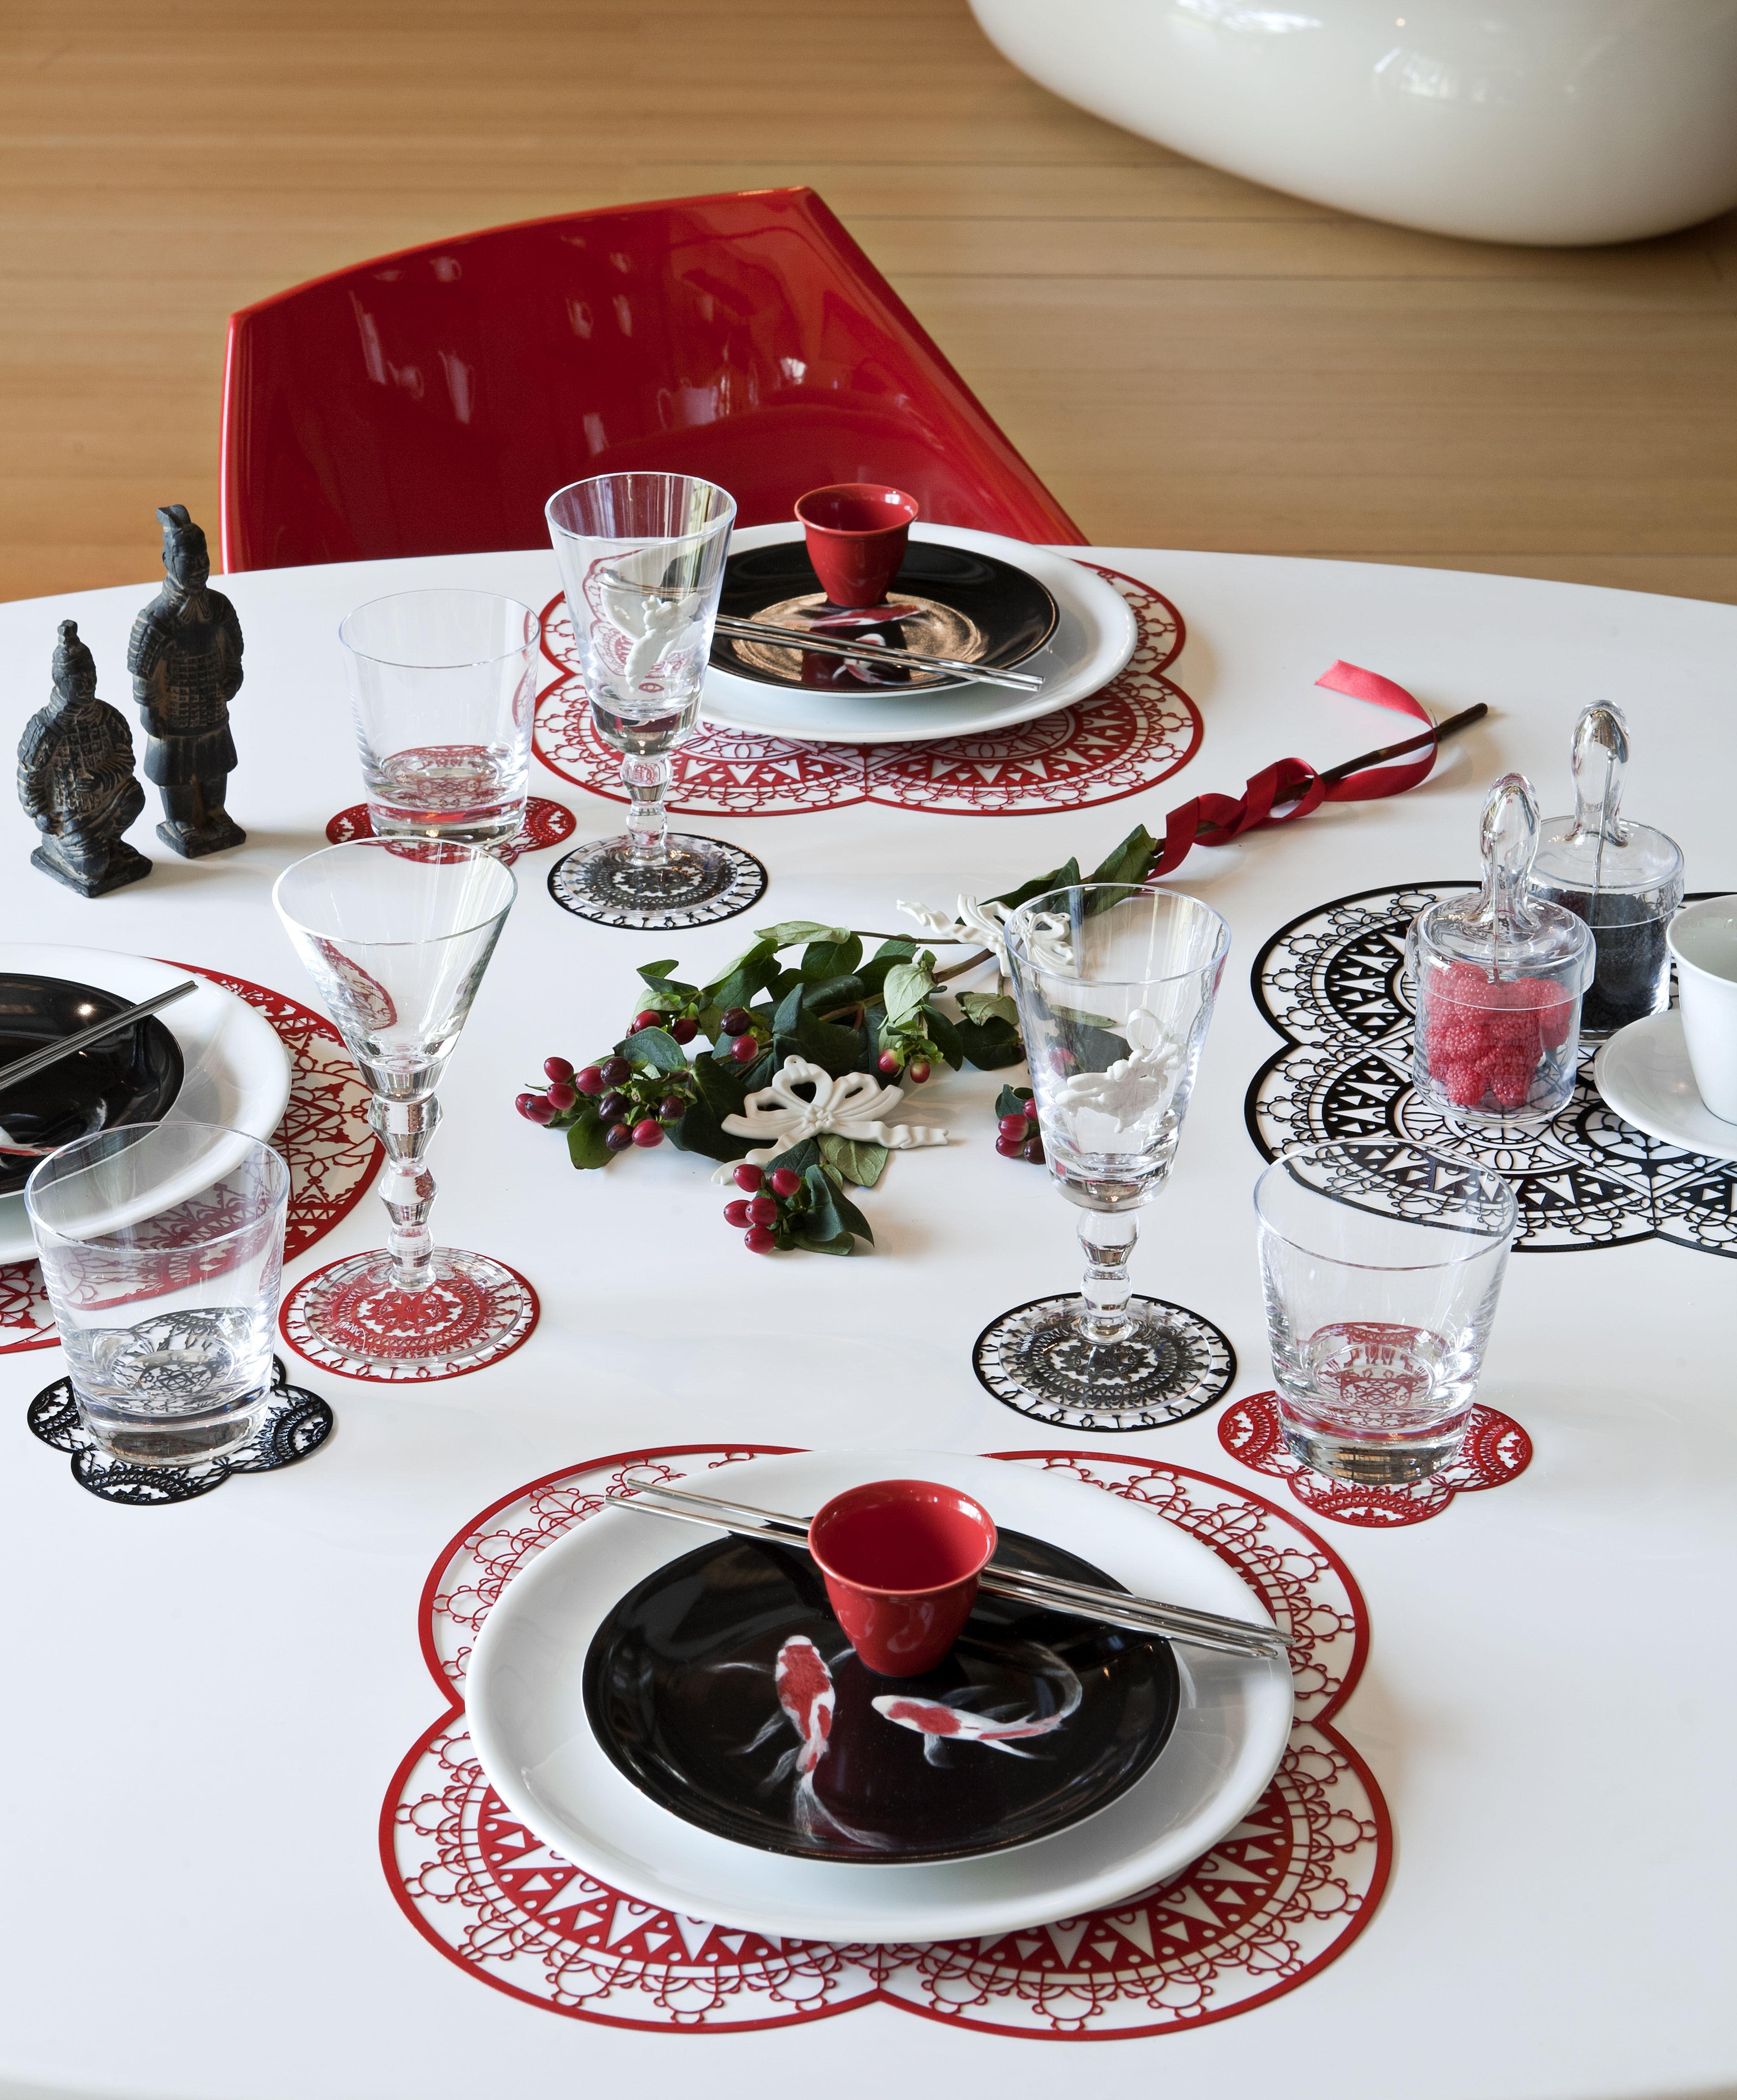 dessous de plat petal italic lace 33 x 33 cm dessous de plat rouge driade kosmo. Black Bedroom Furniture Sets. Home Design Ideas